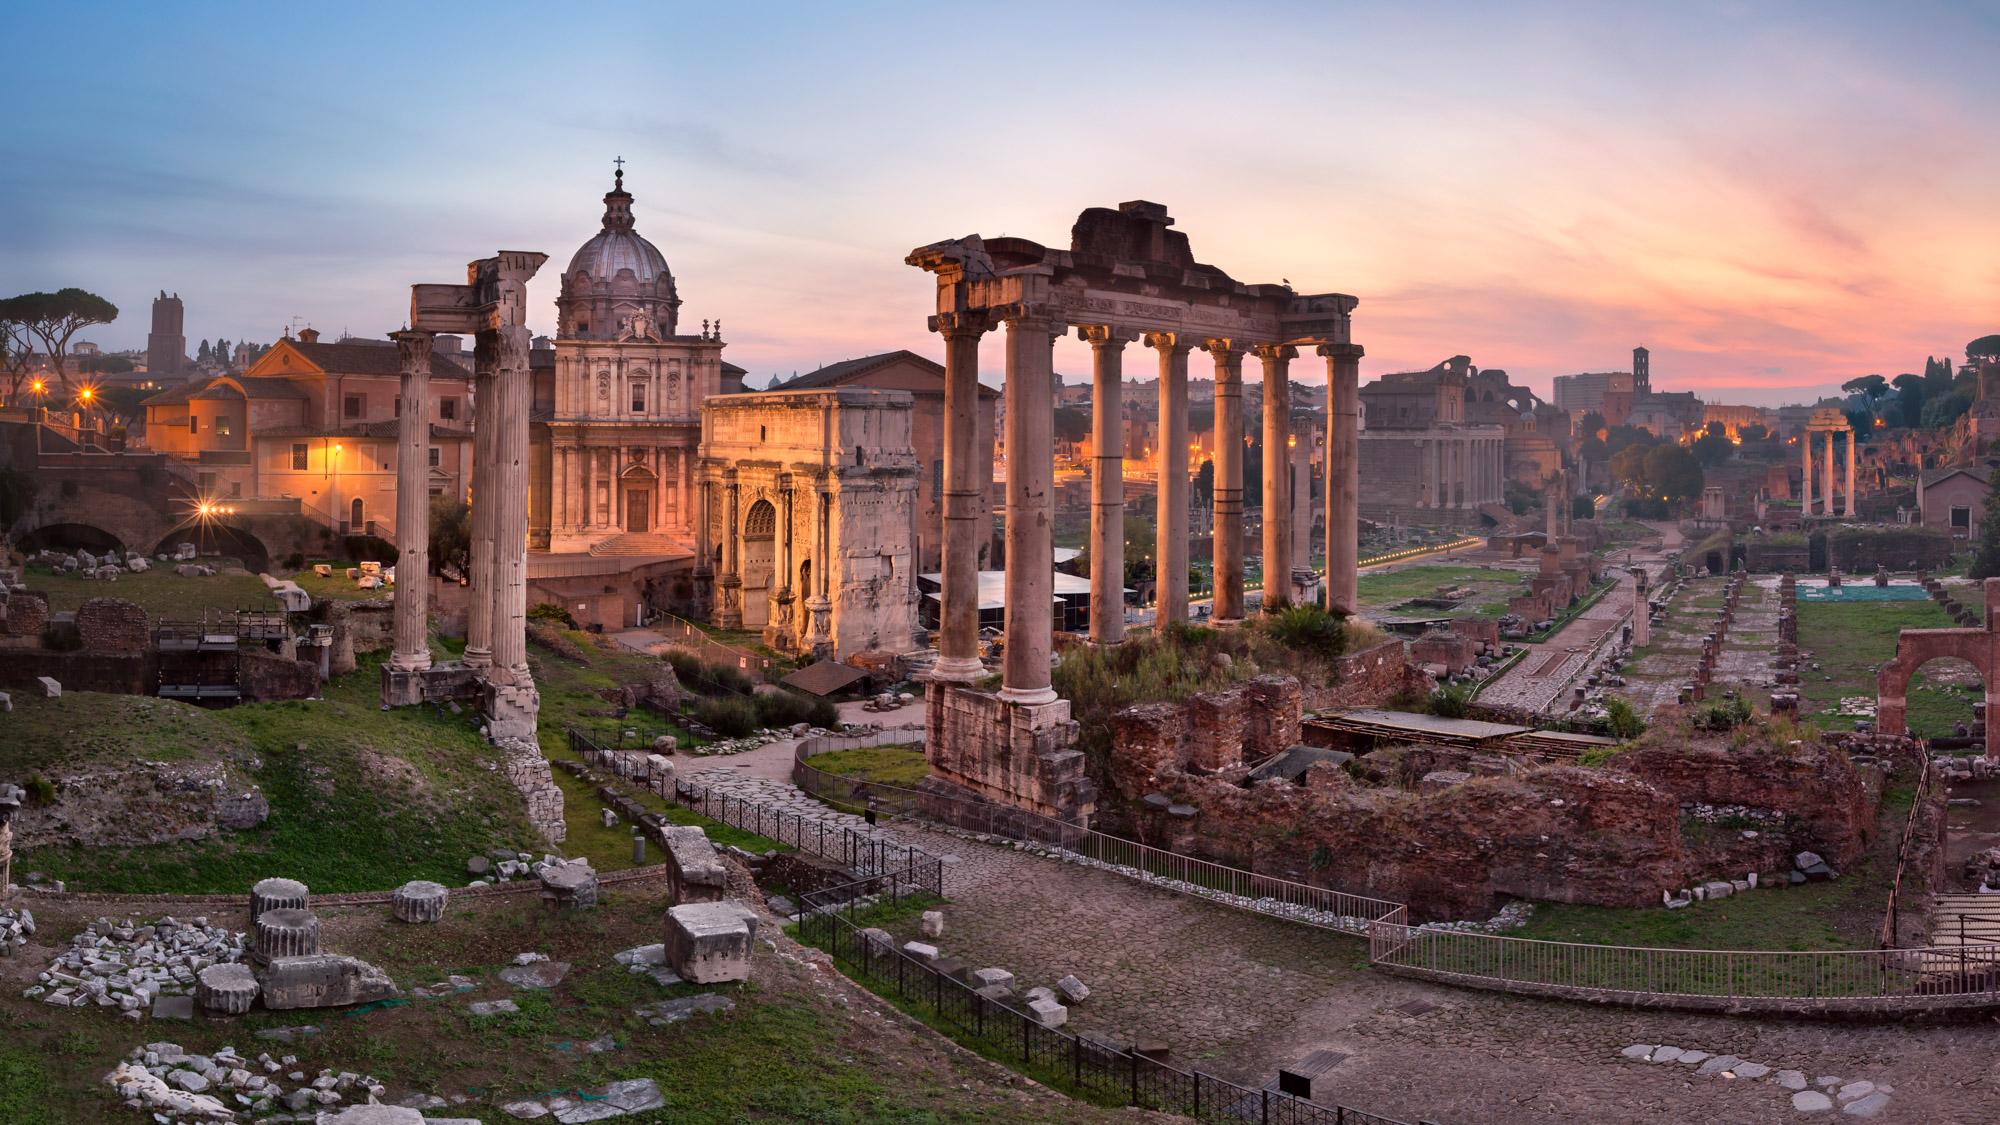 Panorama of Roman Forum, Rome, Italy